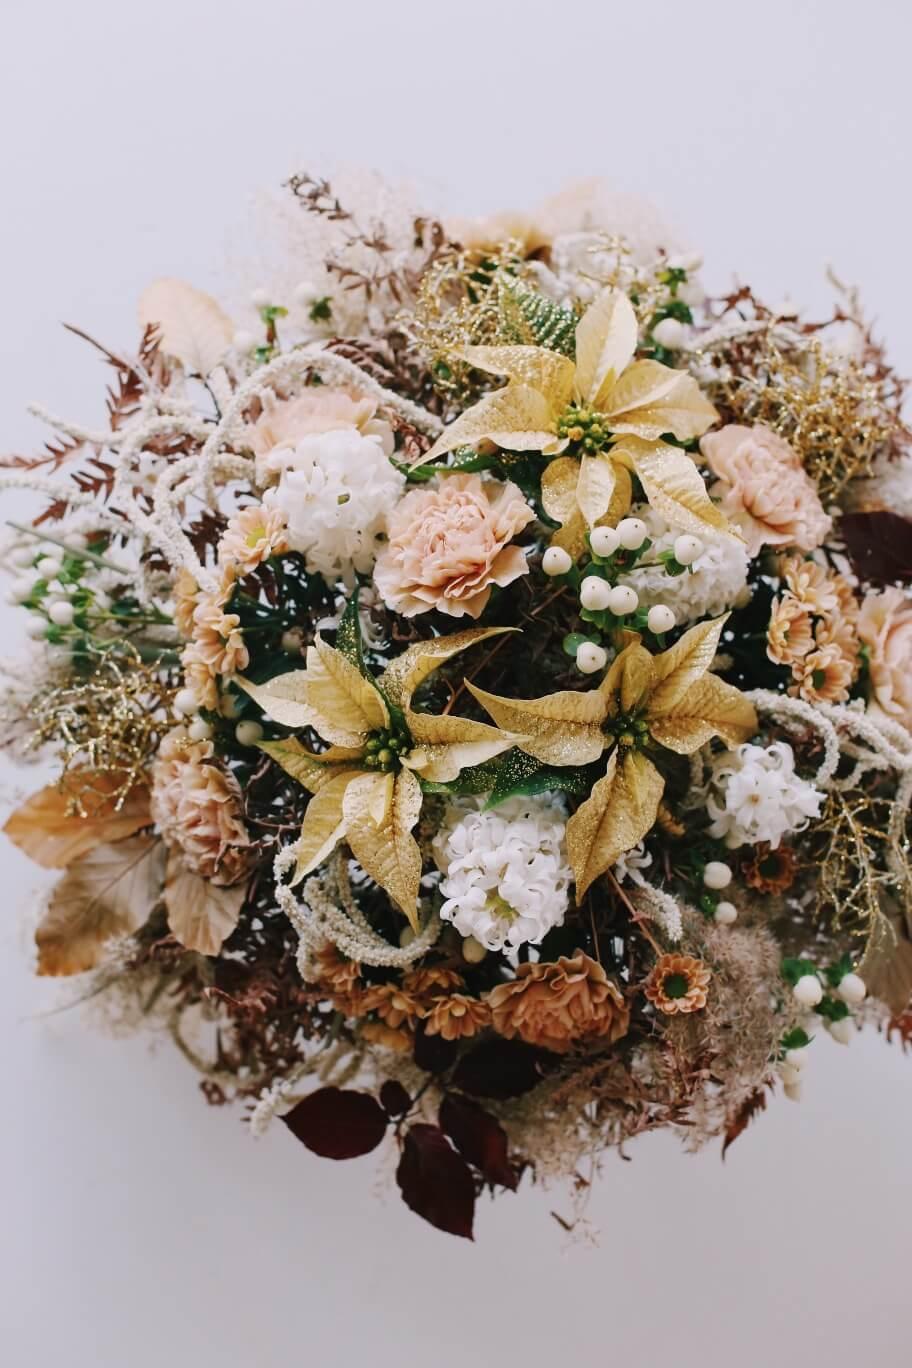 Kimpussa on valkoisia minijoulutähtiä, persikan värisiä neilikoita, krysanteemia ja kullan väristä hopealankaa. Kimppu kuin kultaa ja valoa, joulun kukkatrendien mukaan.